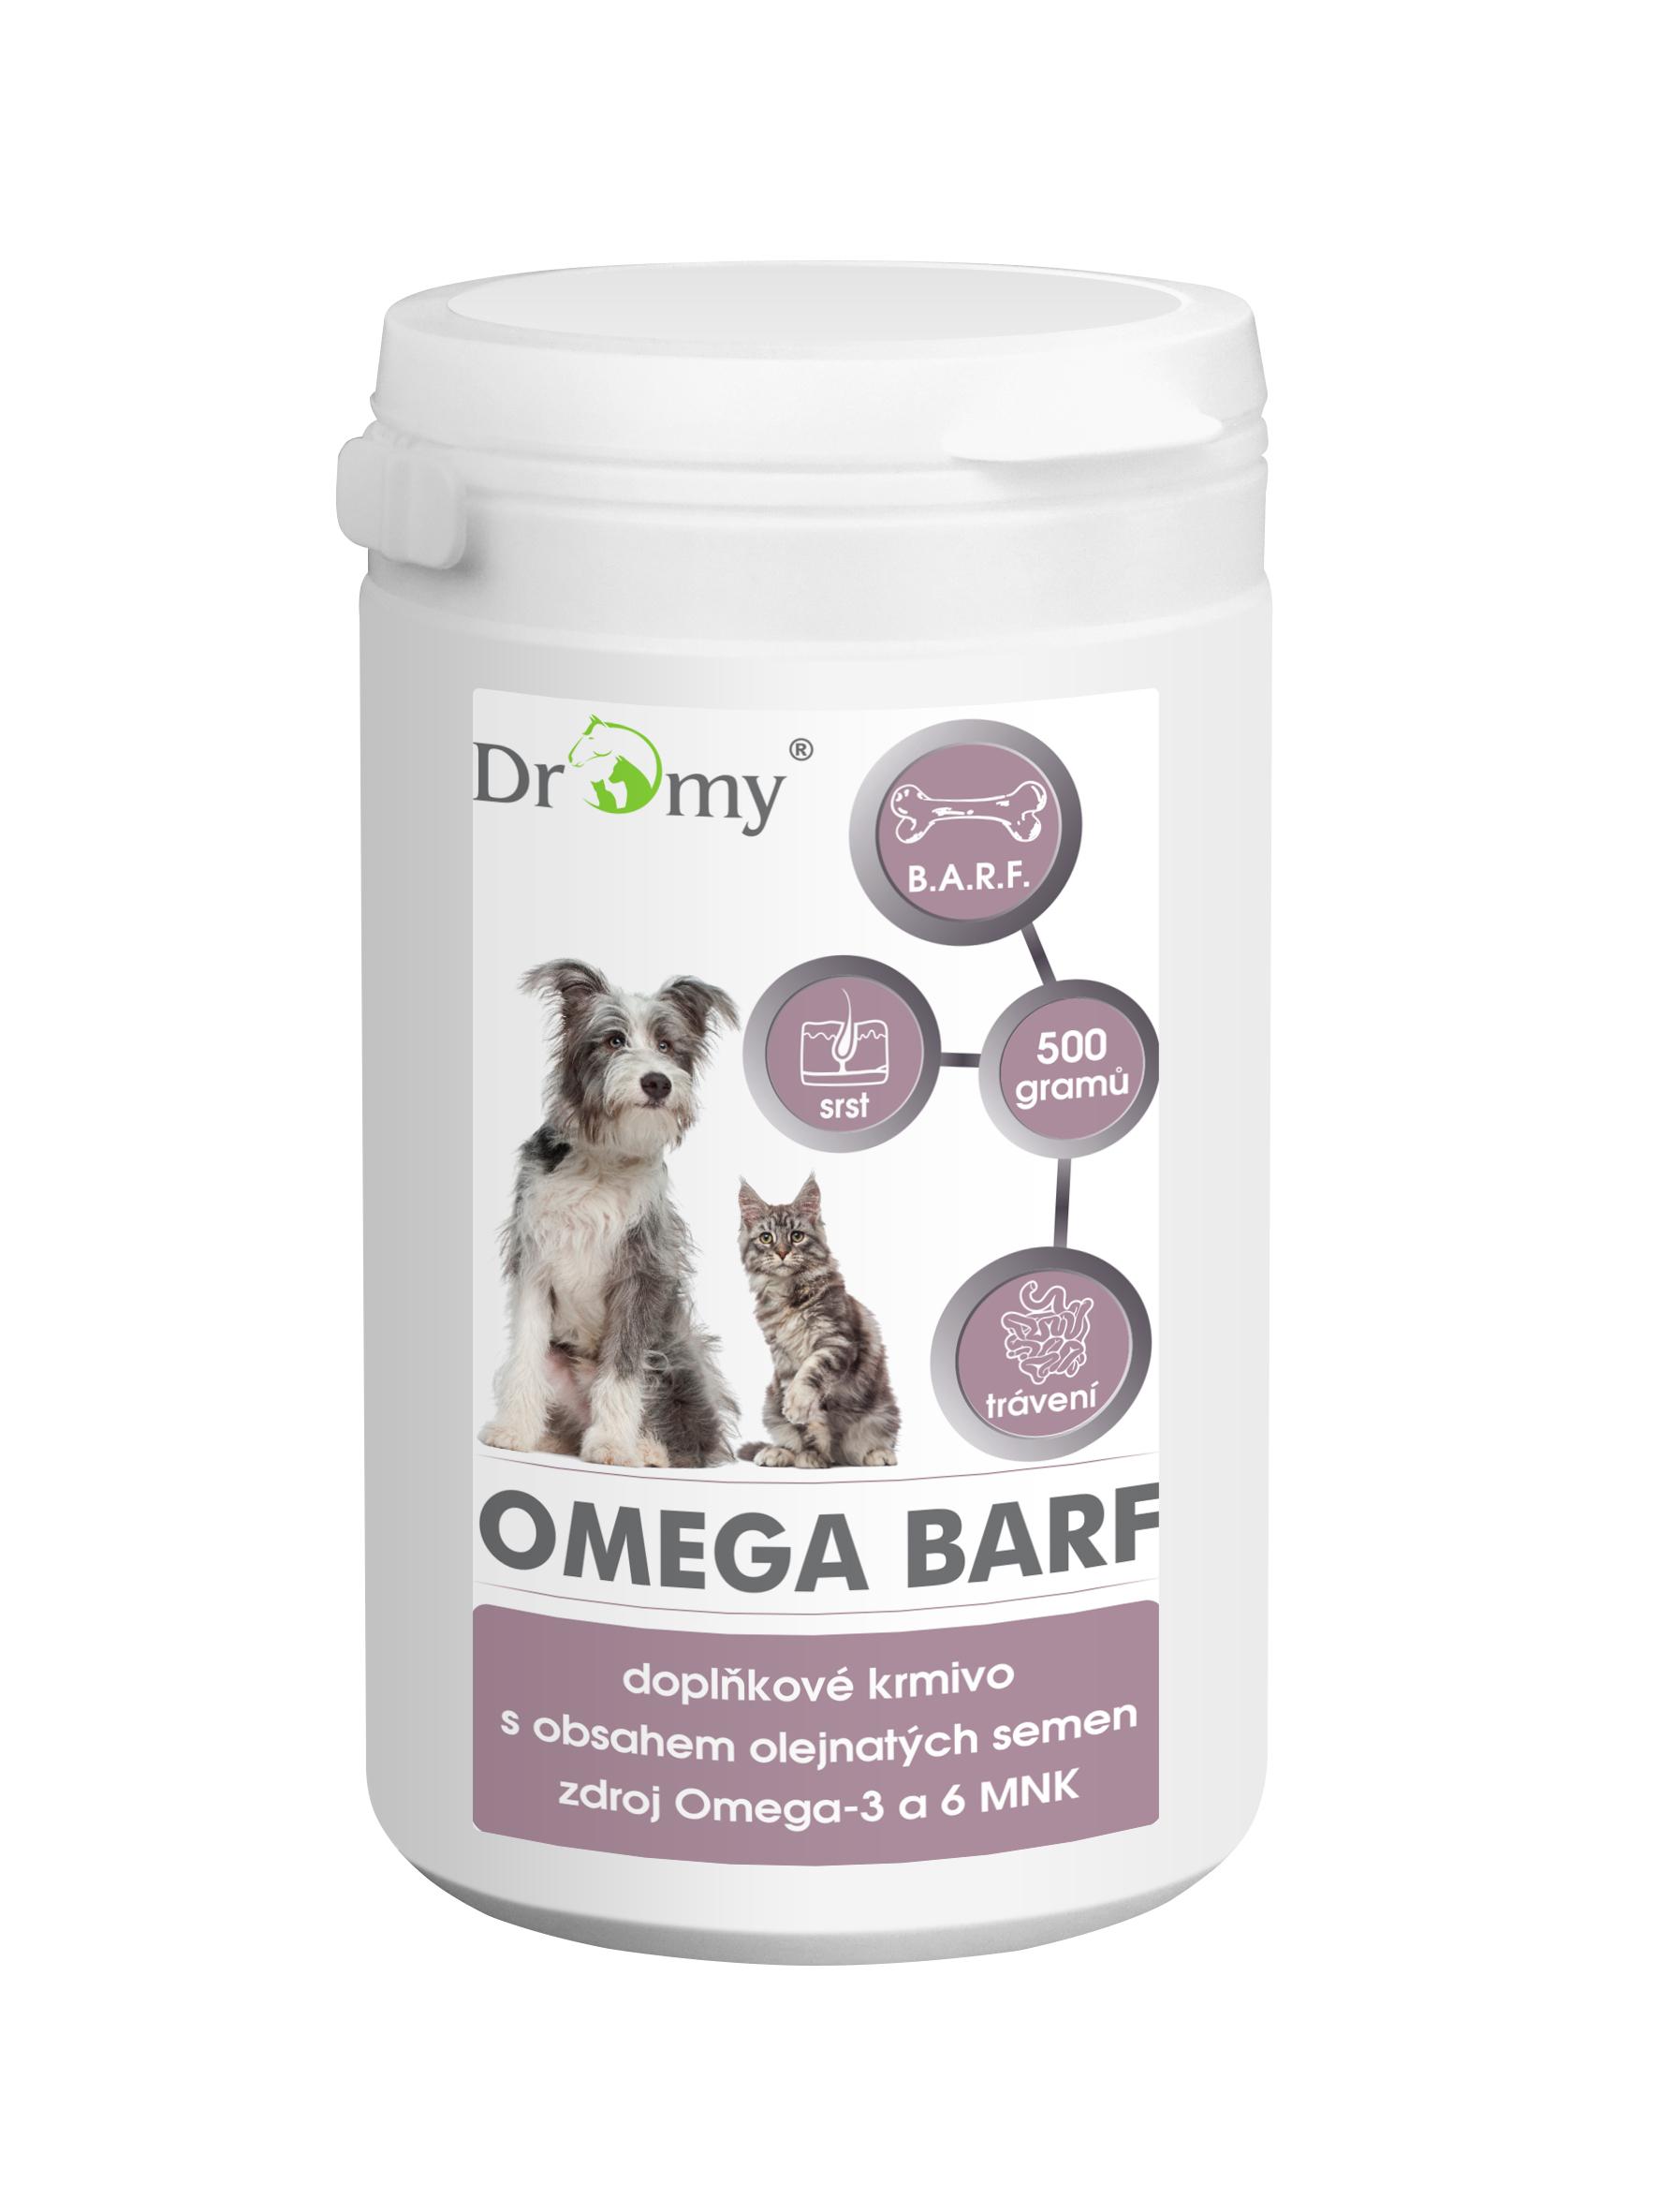 Dromy Omega-BARF 500 g